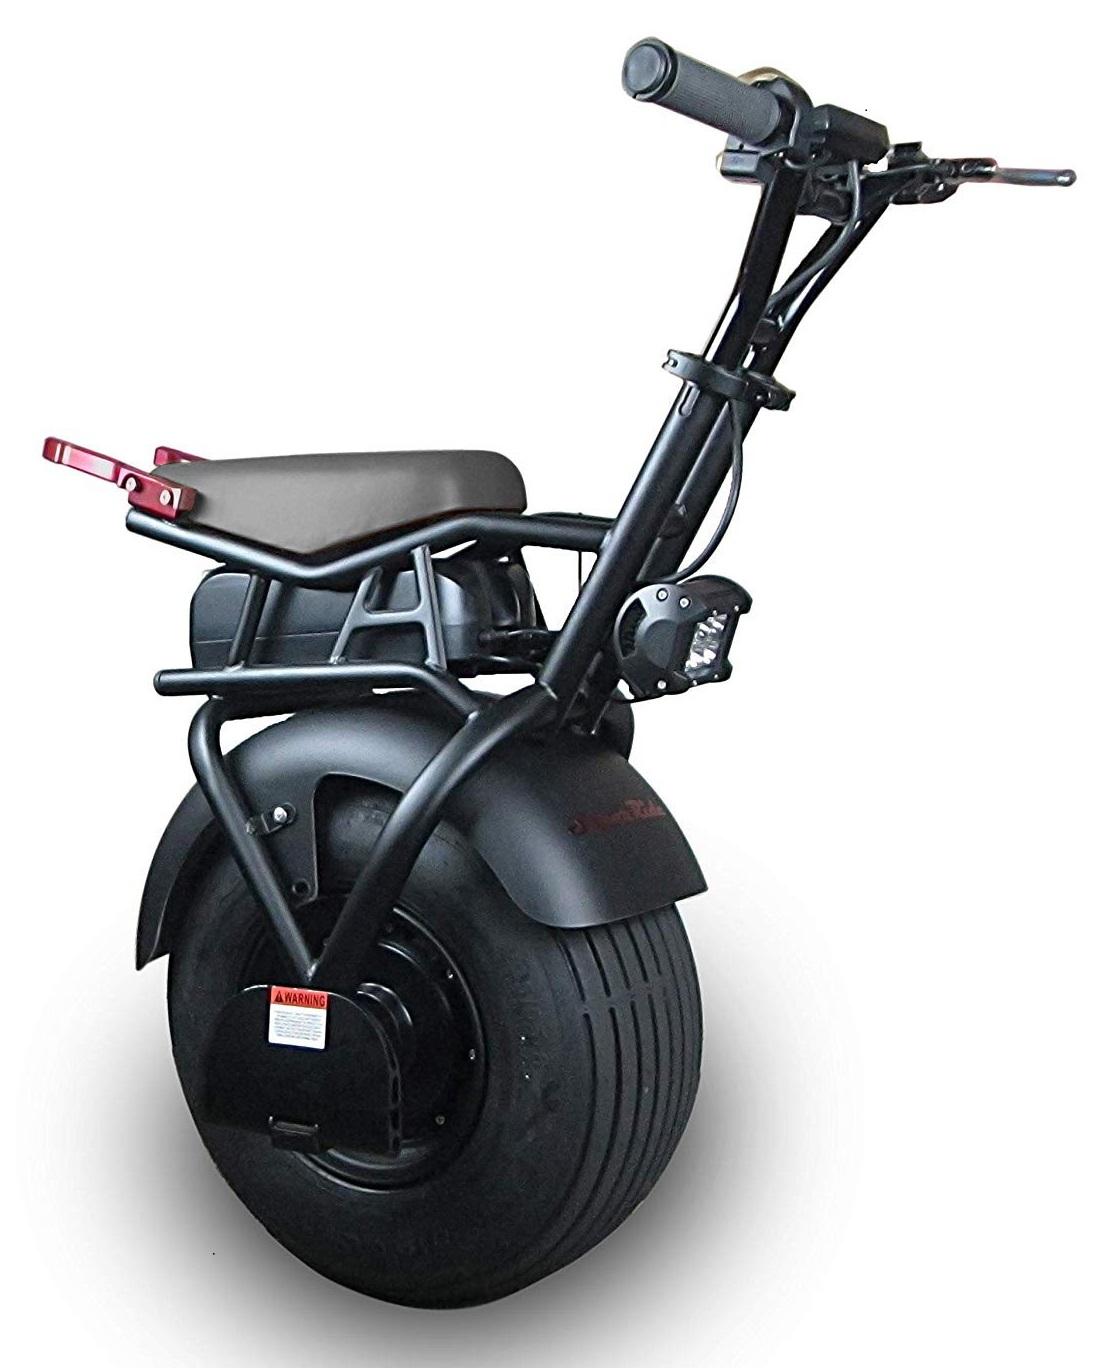 SUPERRIDE Self Balancing Electric Unicycle